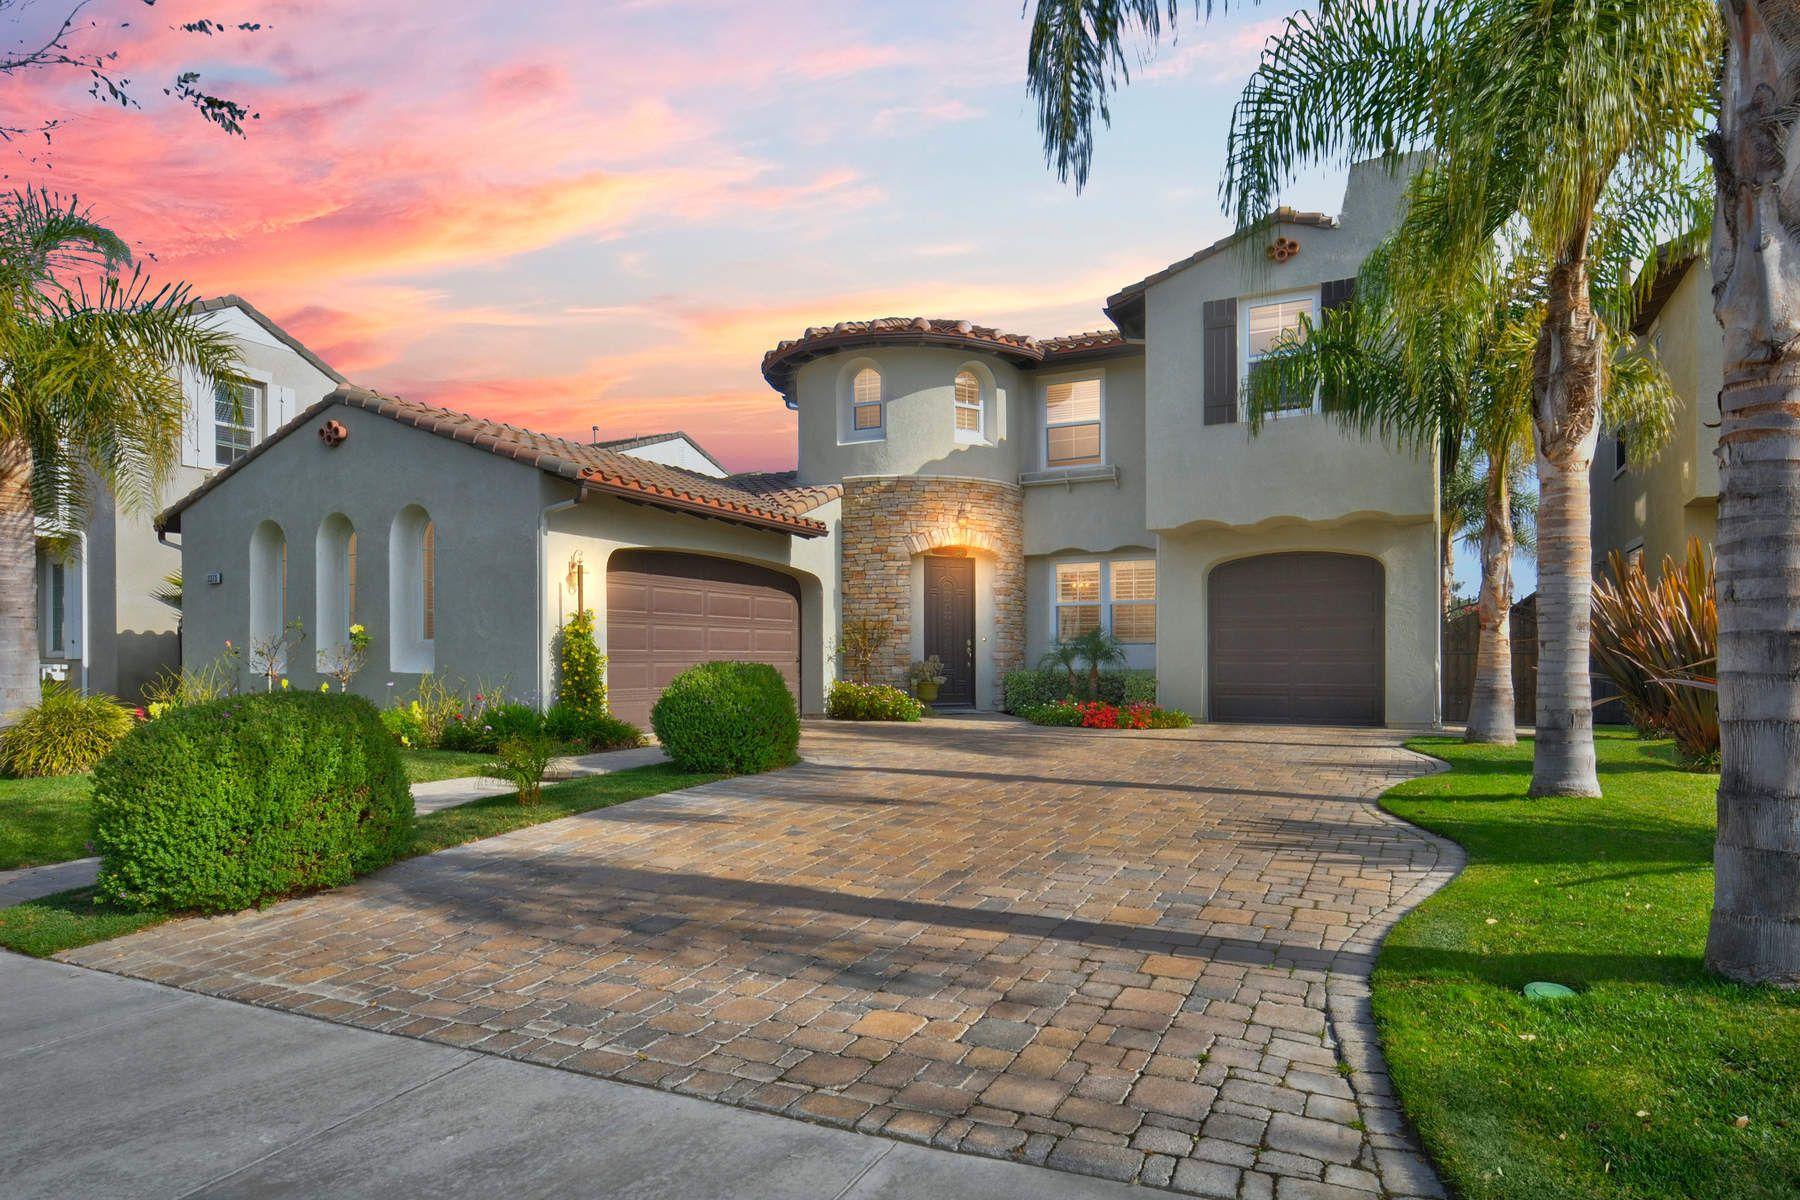 一戸建て のために 売買 アット Premium Golf Course View 3375 Dove Canyon Drive, Oxnard, カリフォルニア, 93036 アメリカ合衆国